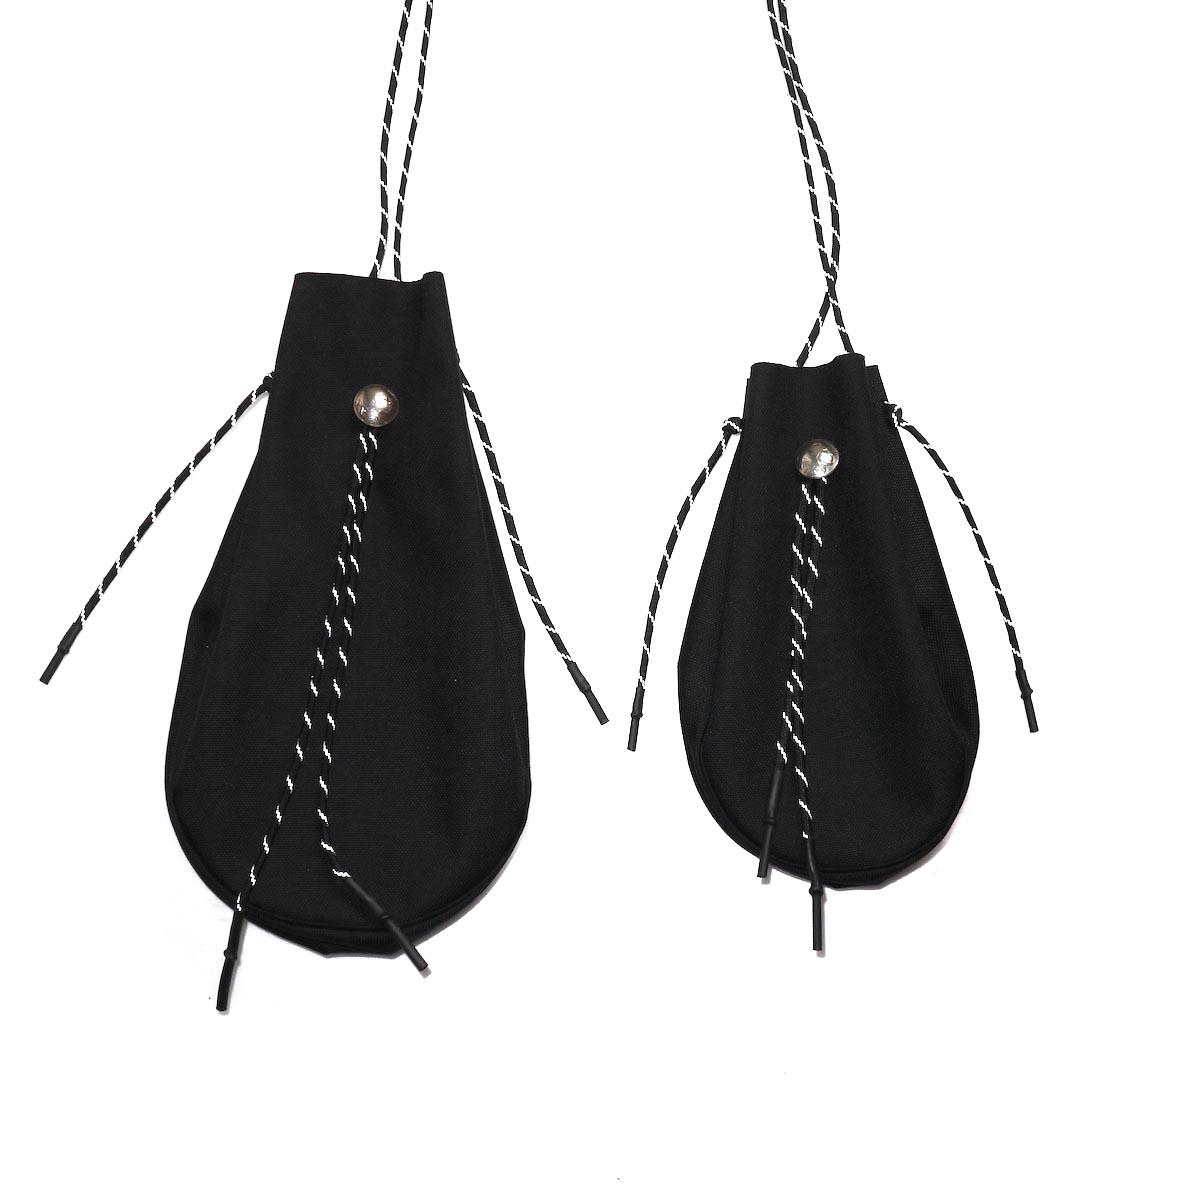 吉岡衣料店 / drawstring bag -L-. w/concho. Sとの比較